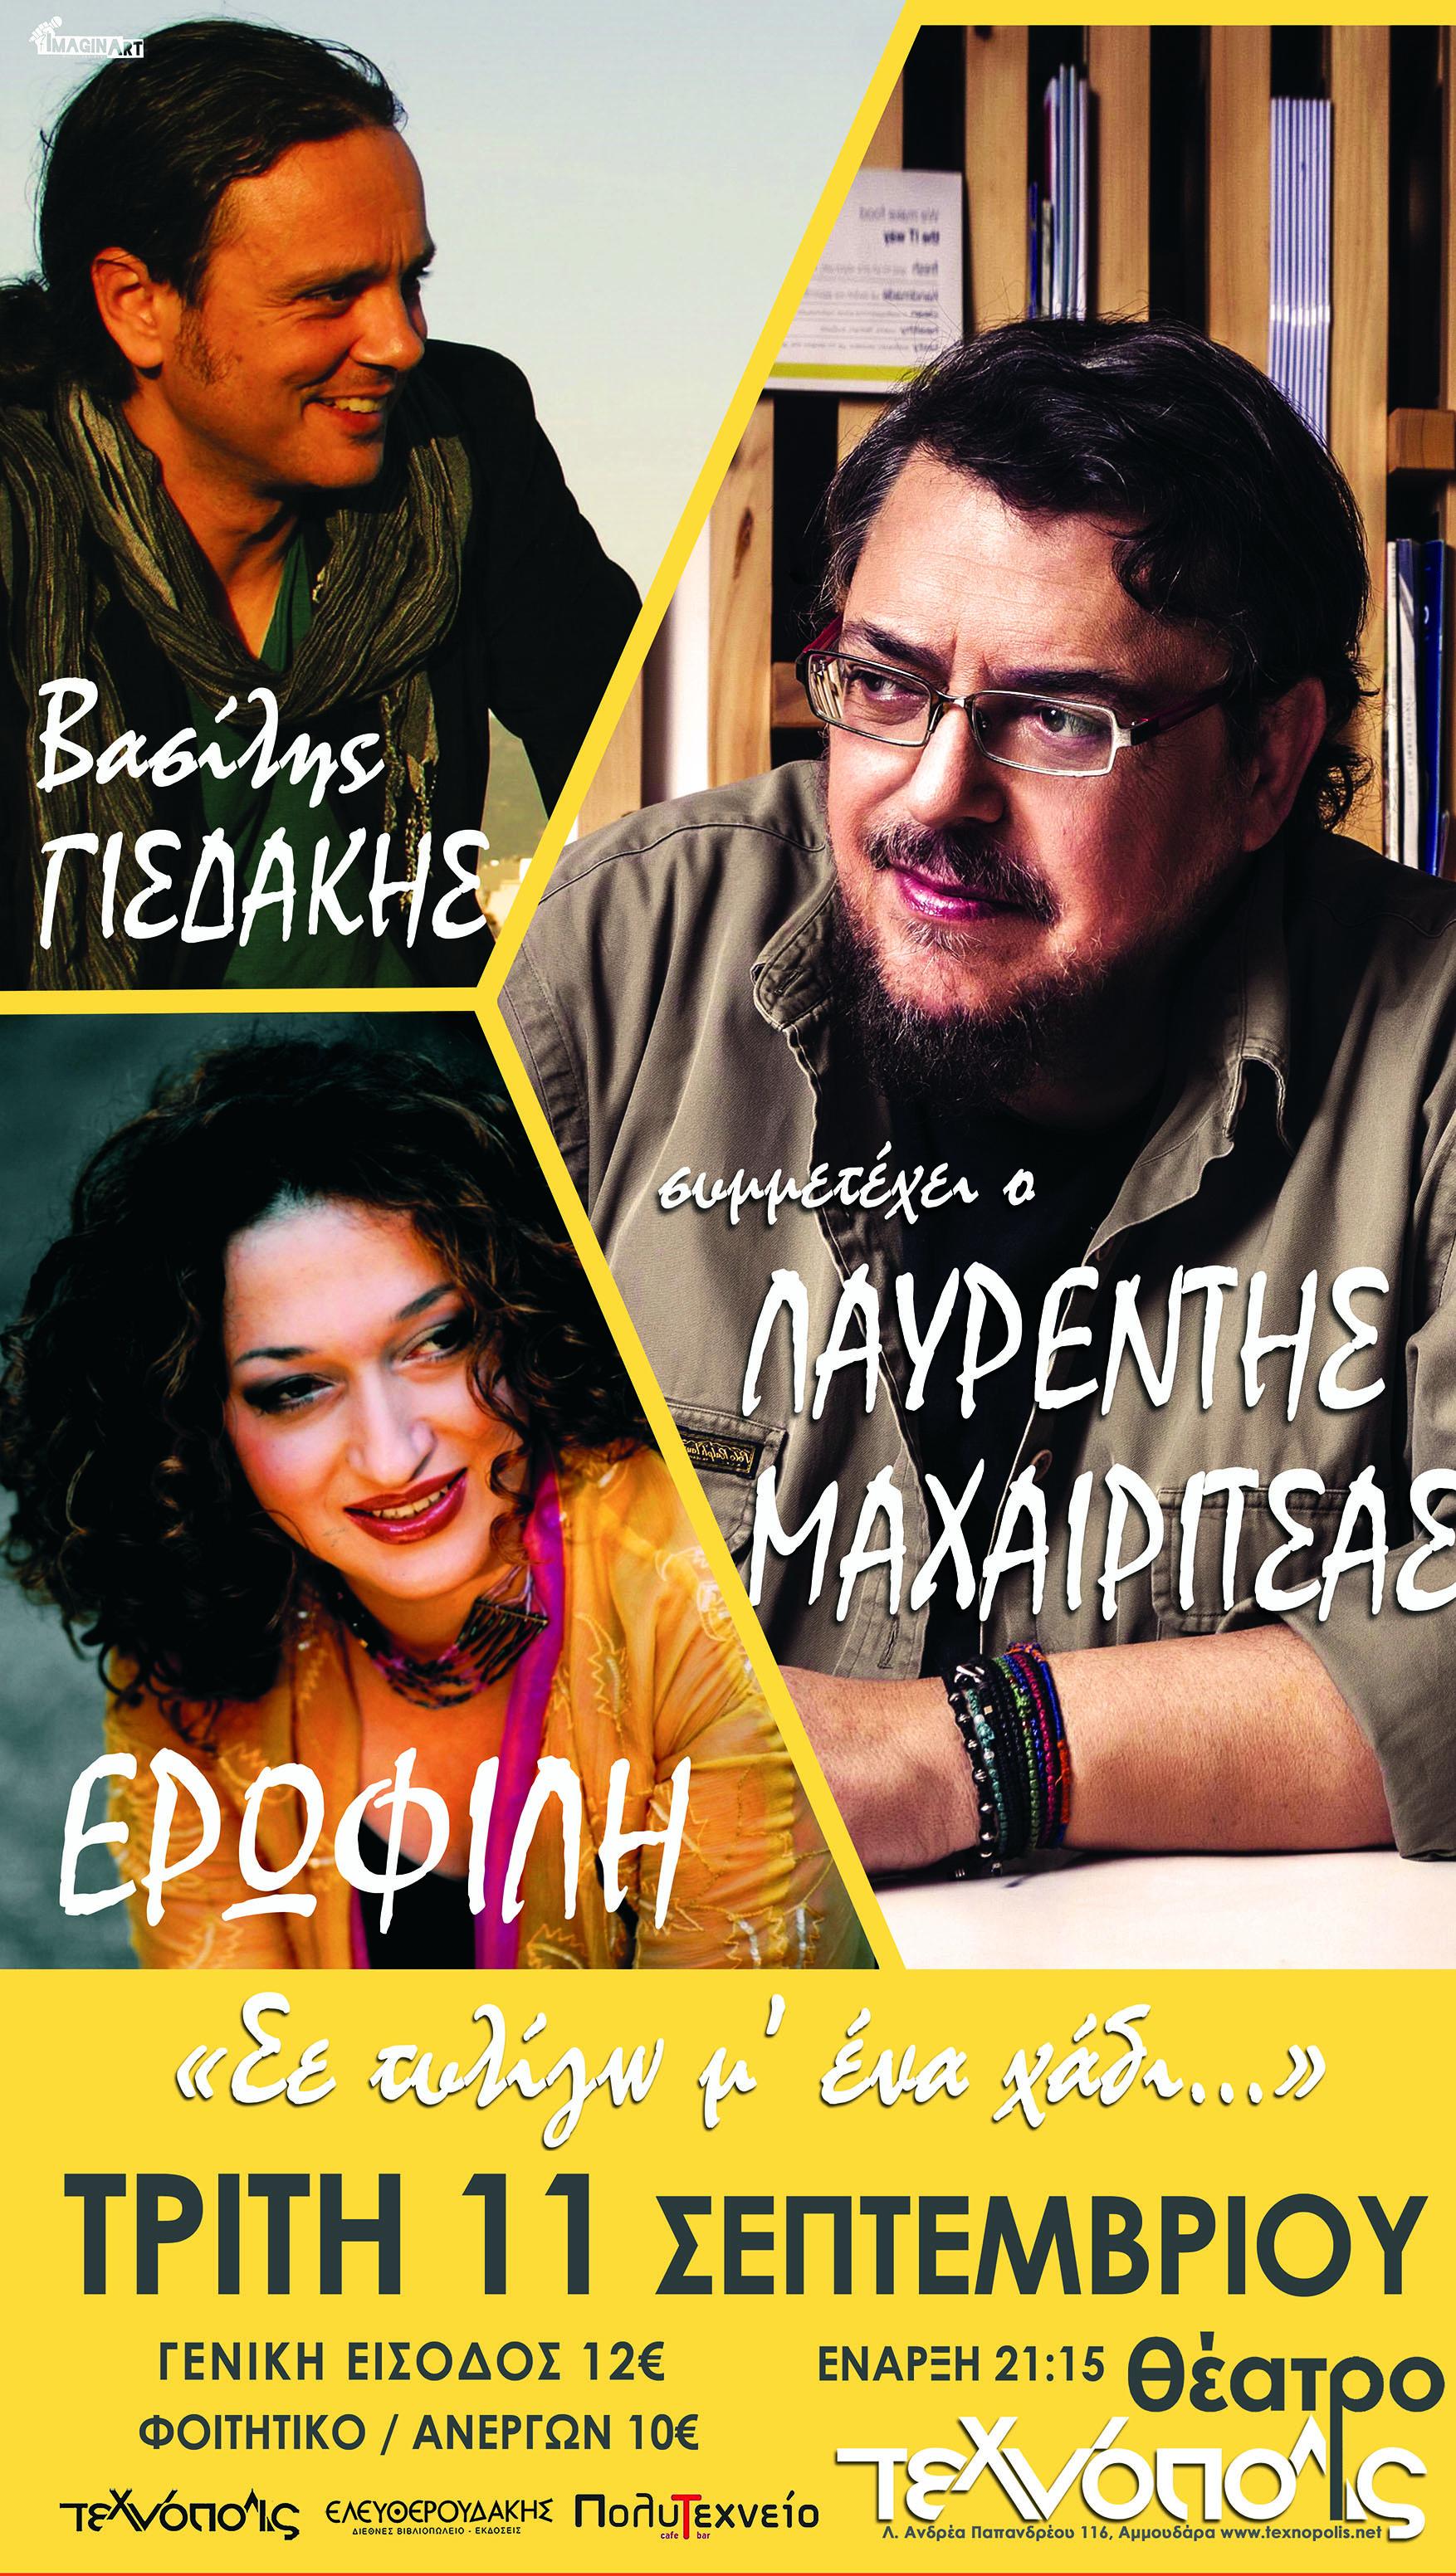 Συναυλία με τους Ερωφίλη-Λαυρέντης Μαχαιρίτσας & Βασίλης Γισδάκης την Τρίτη 11/09 στο Τεχνόπολις